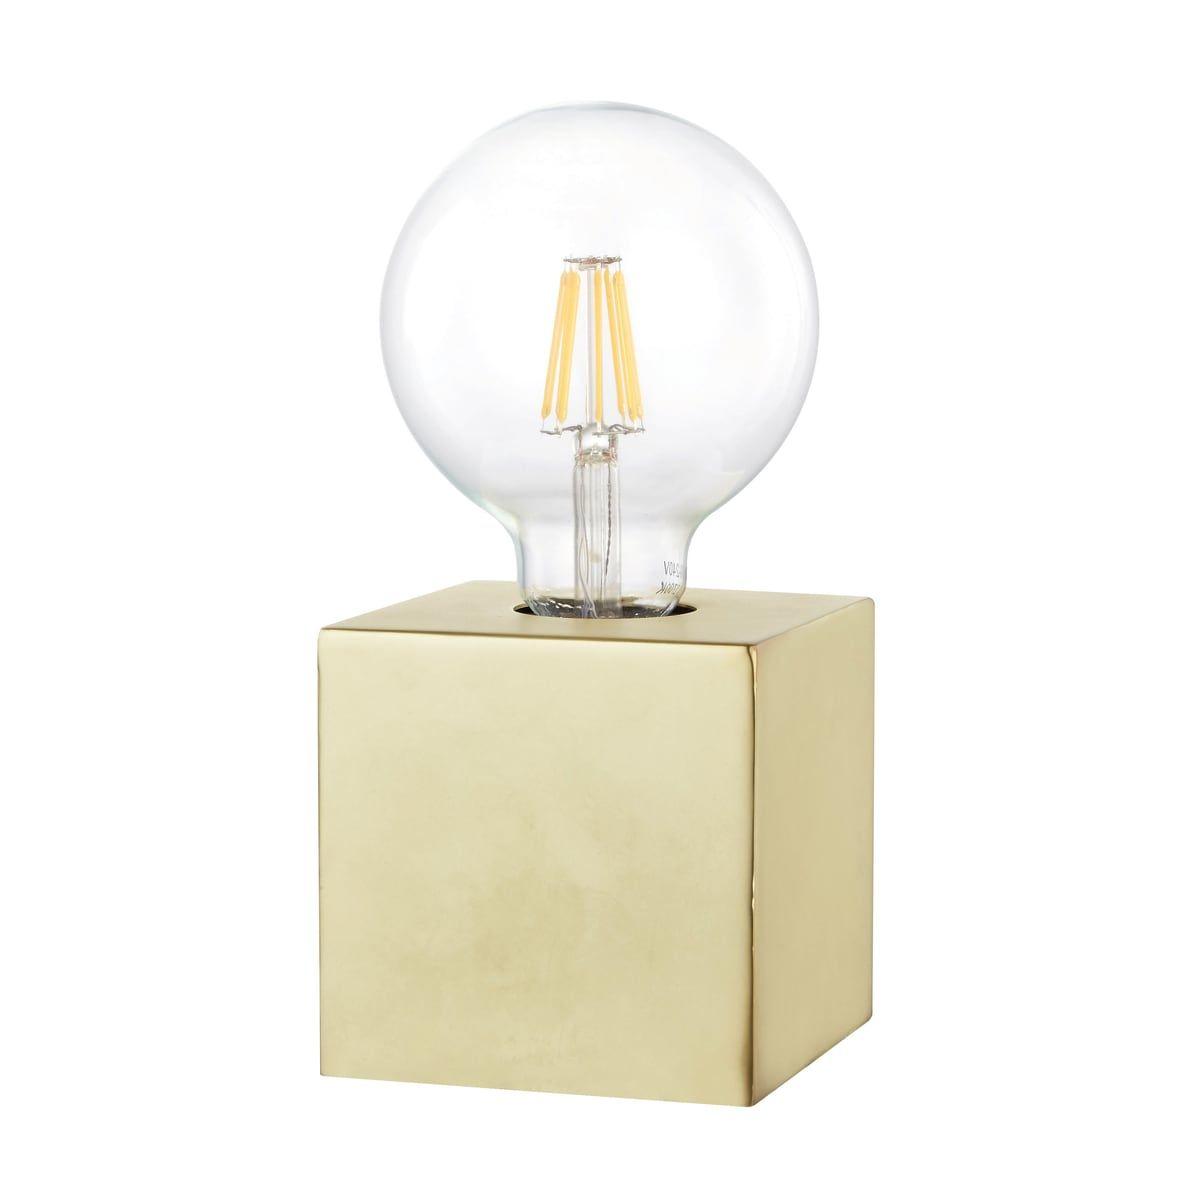 Lampada da comodino Scaly oro trasparente, in metallo, E27